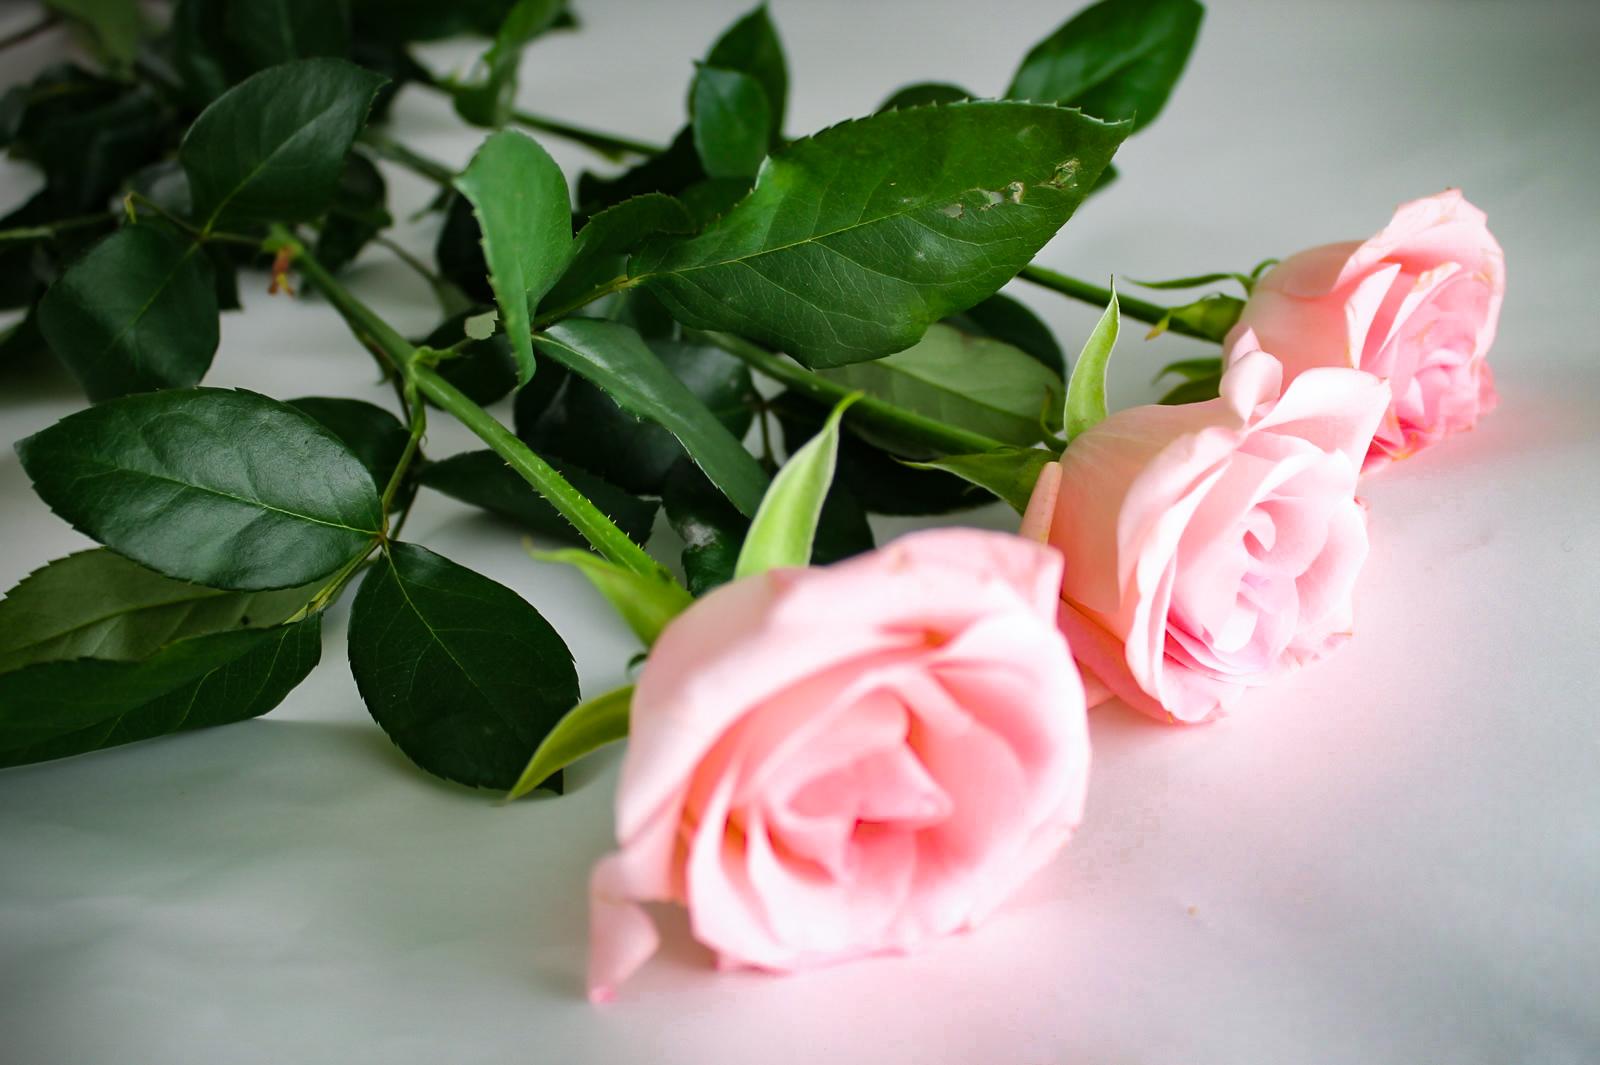 花束としてピンクの薔薇3本を包装するところ